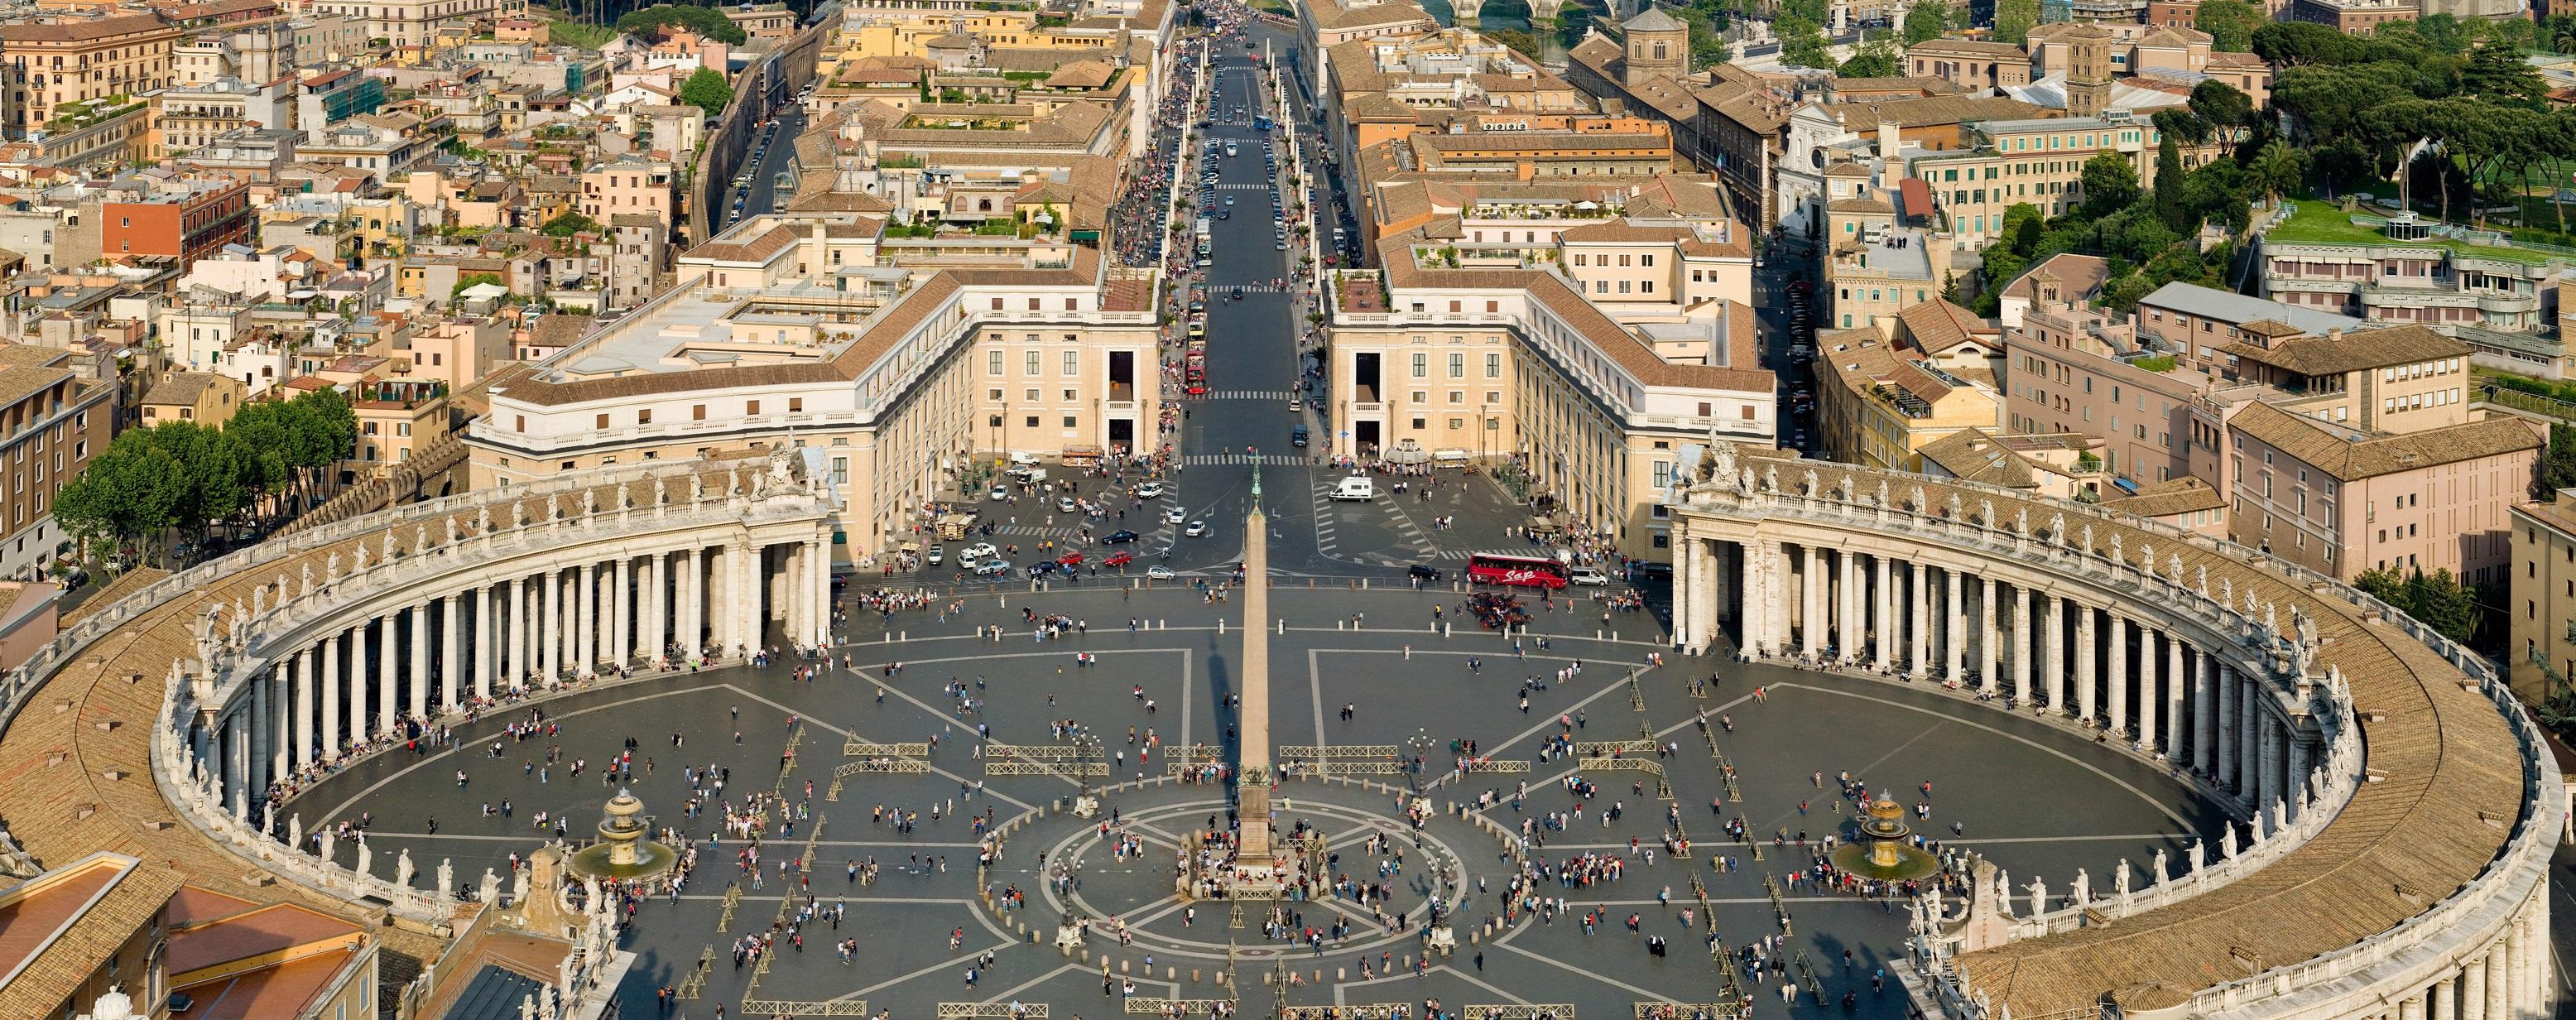 Quanto costa il vaticano alle famiglie romane nextquotidiano for Quanto costa il pex